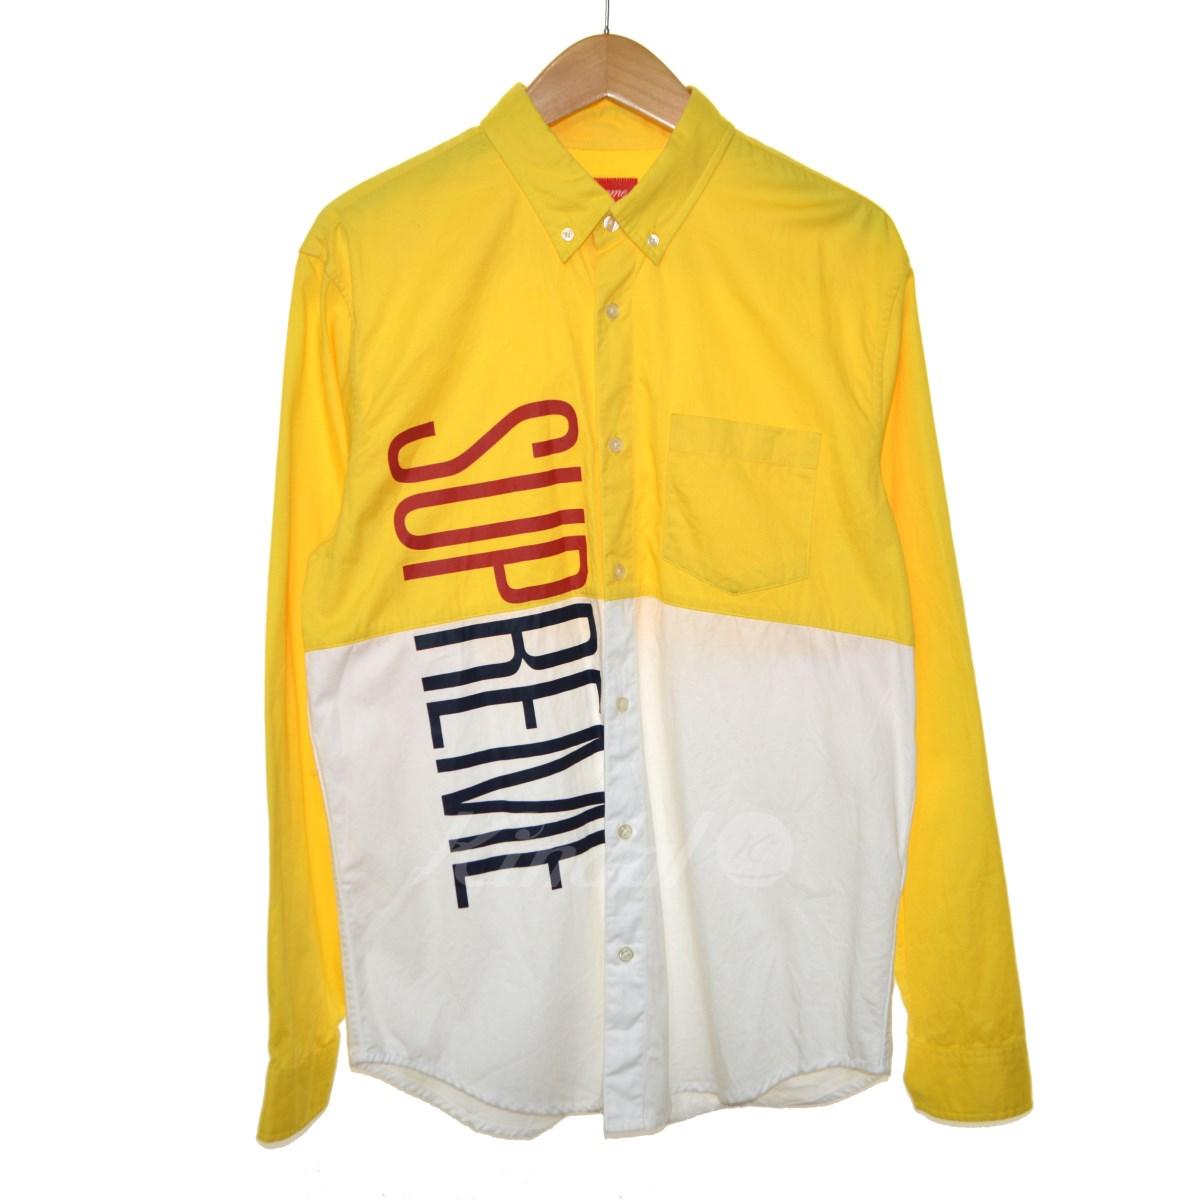 【中古】SUPREME 14SS Competition Shirt ボタンダウンシャツ イエロー×ホワイト サイズ:M 【送料無料】 【260918】(シュプリーム)